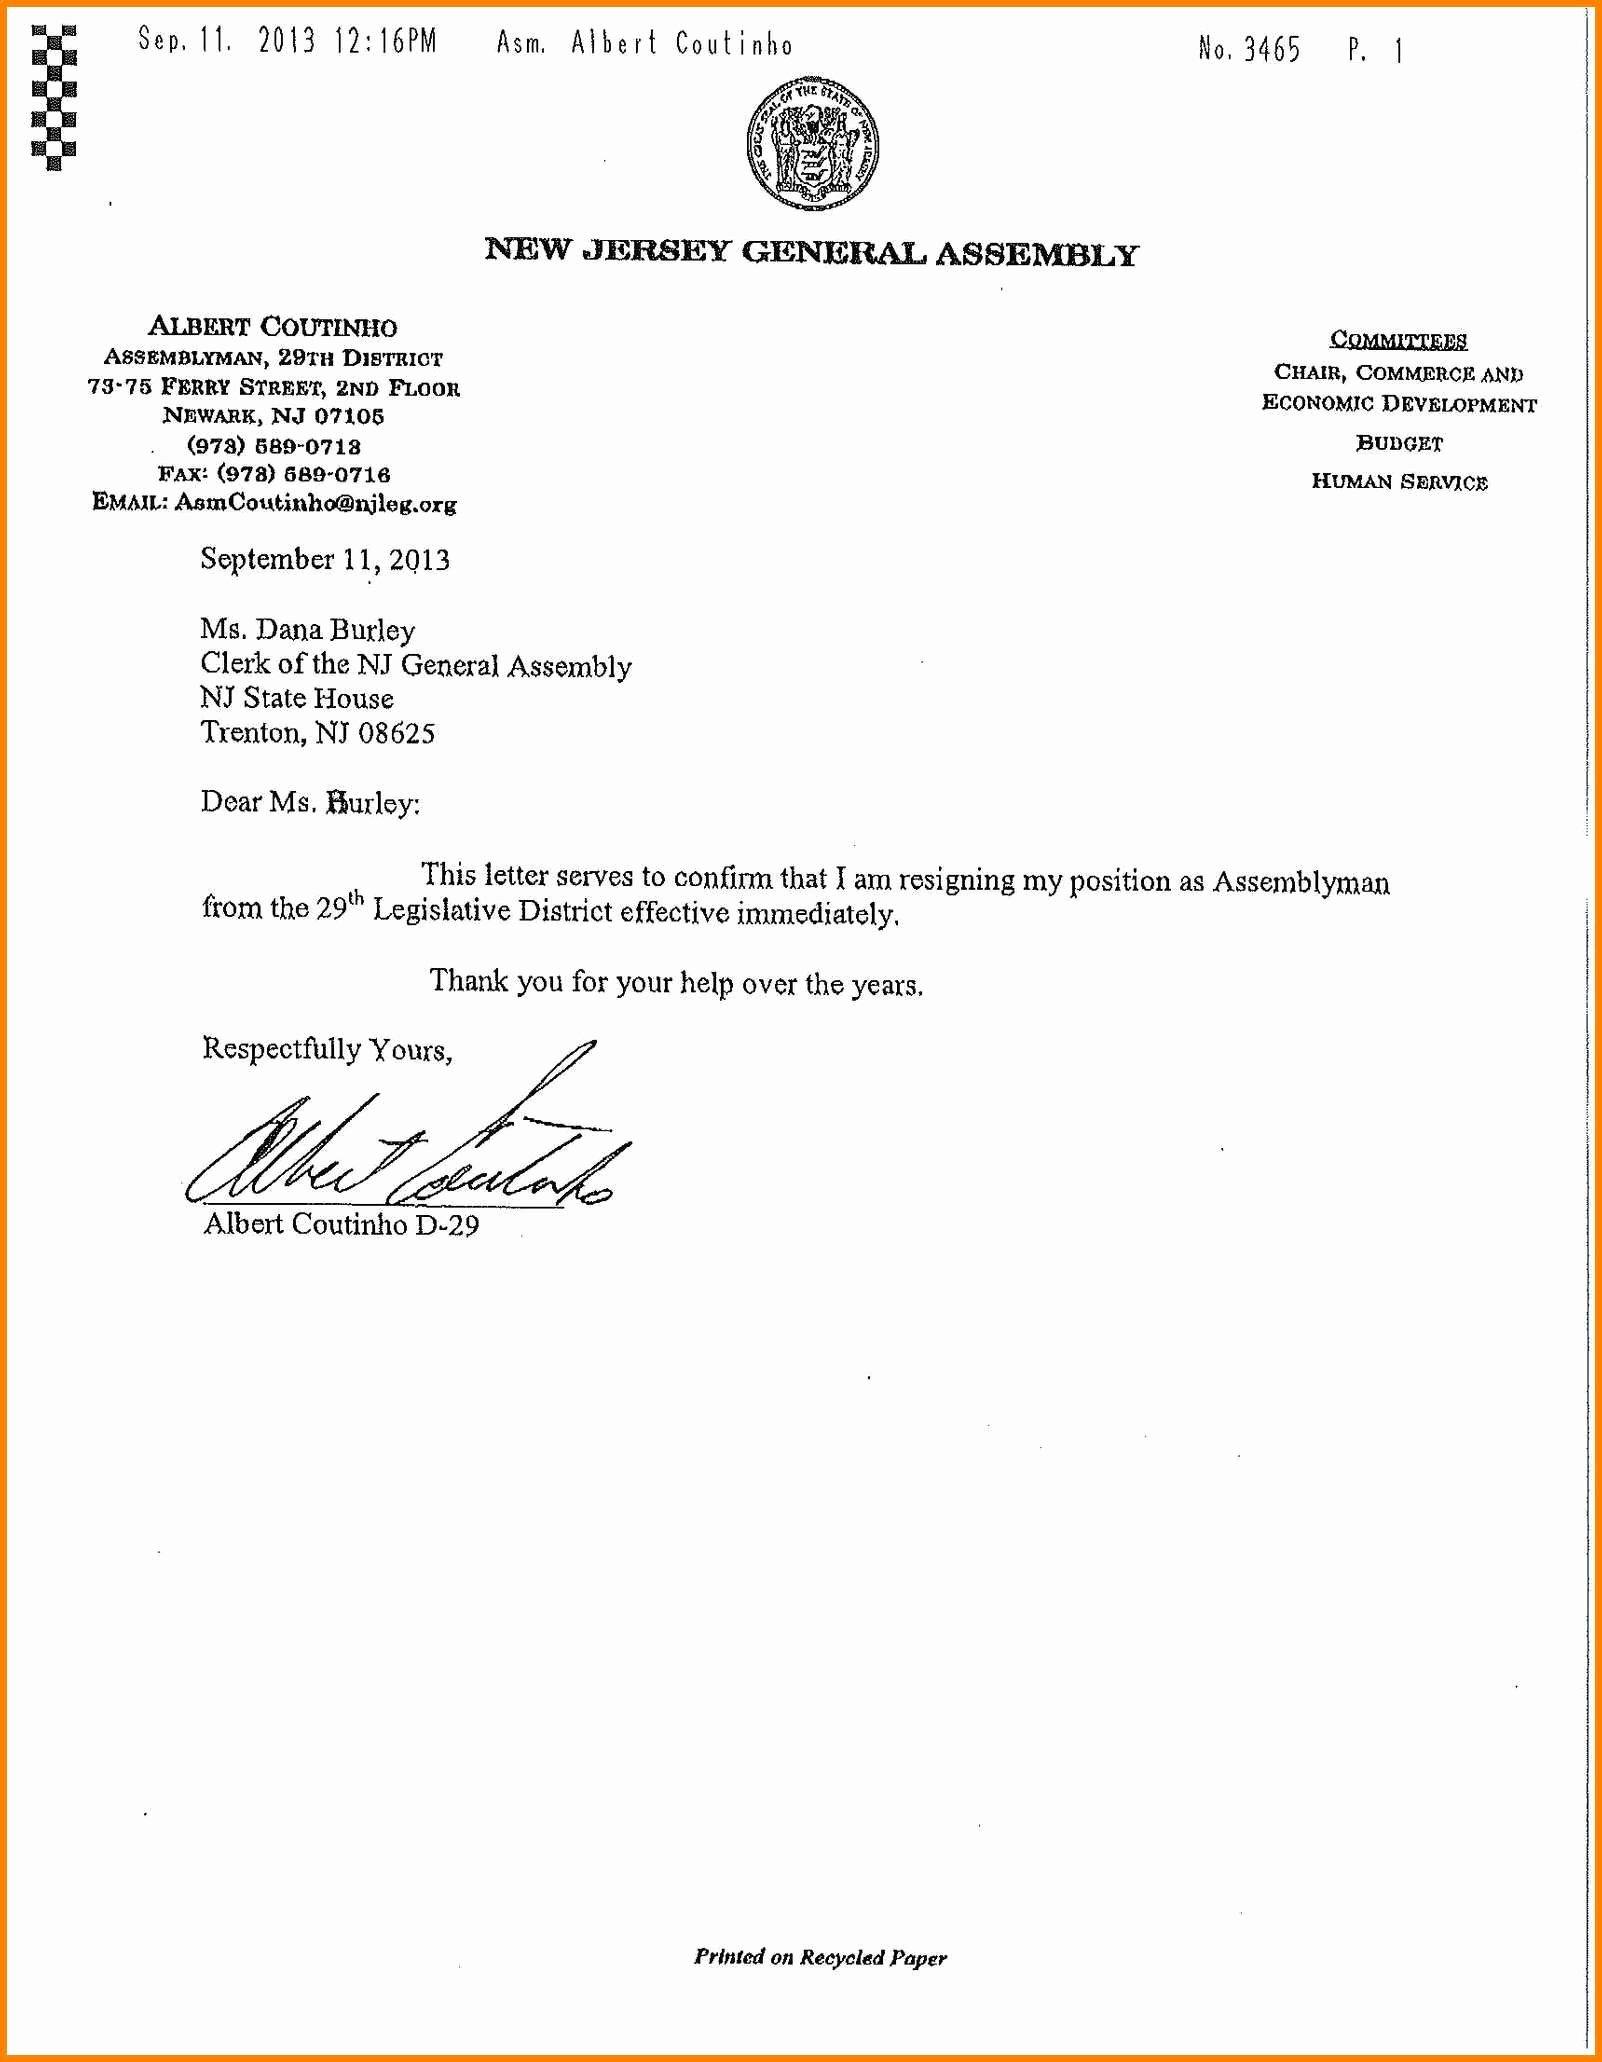 Resignation Letter Effective Immediately Fresh 6 Effective Immediately Resignation